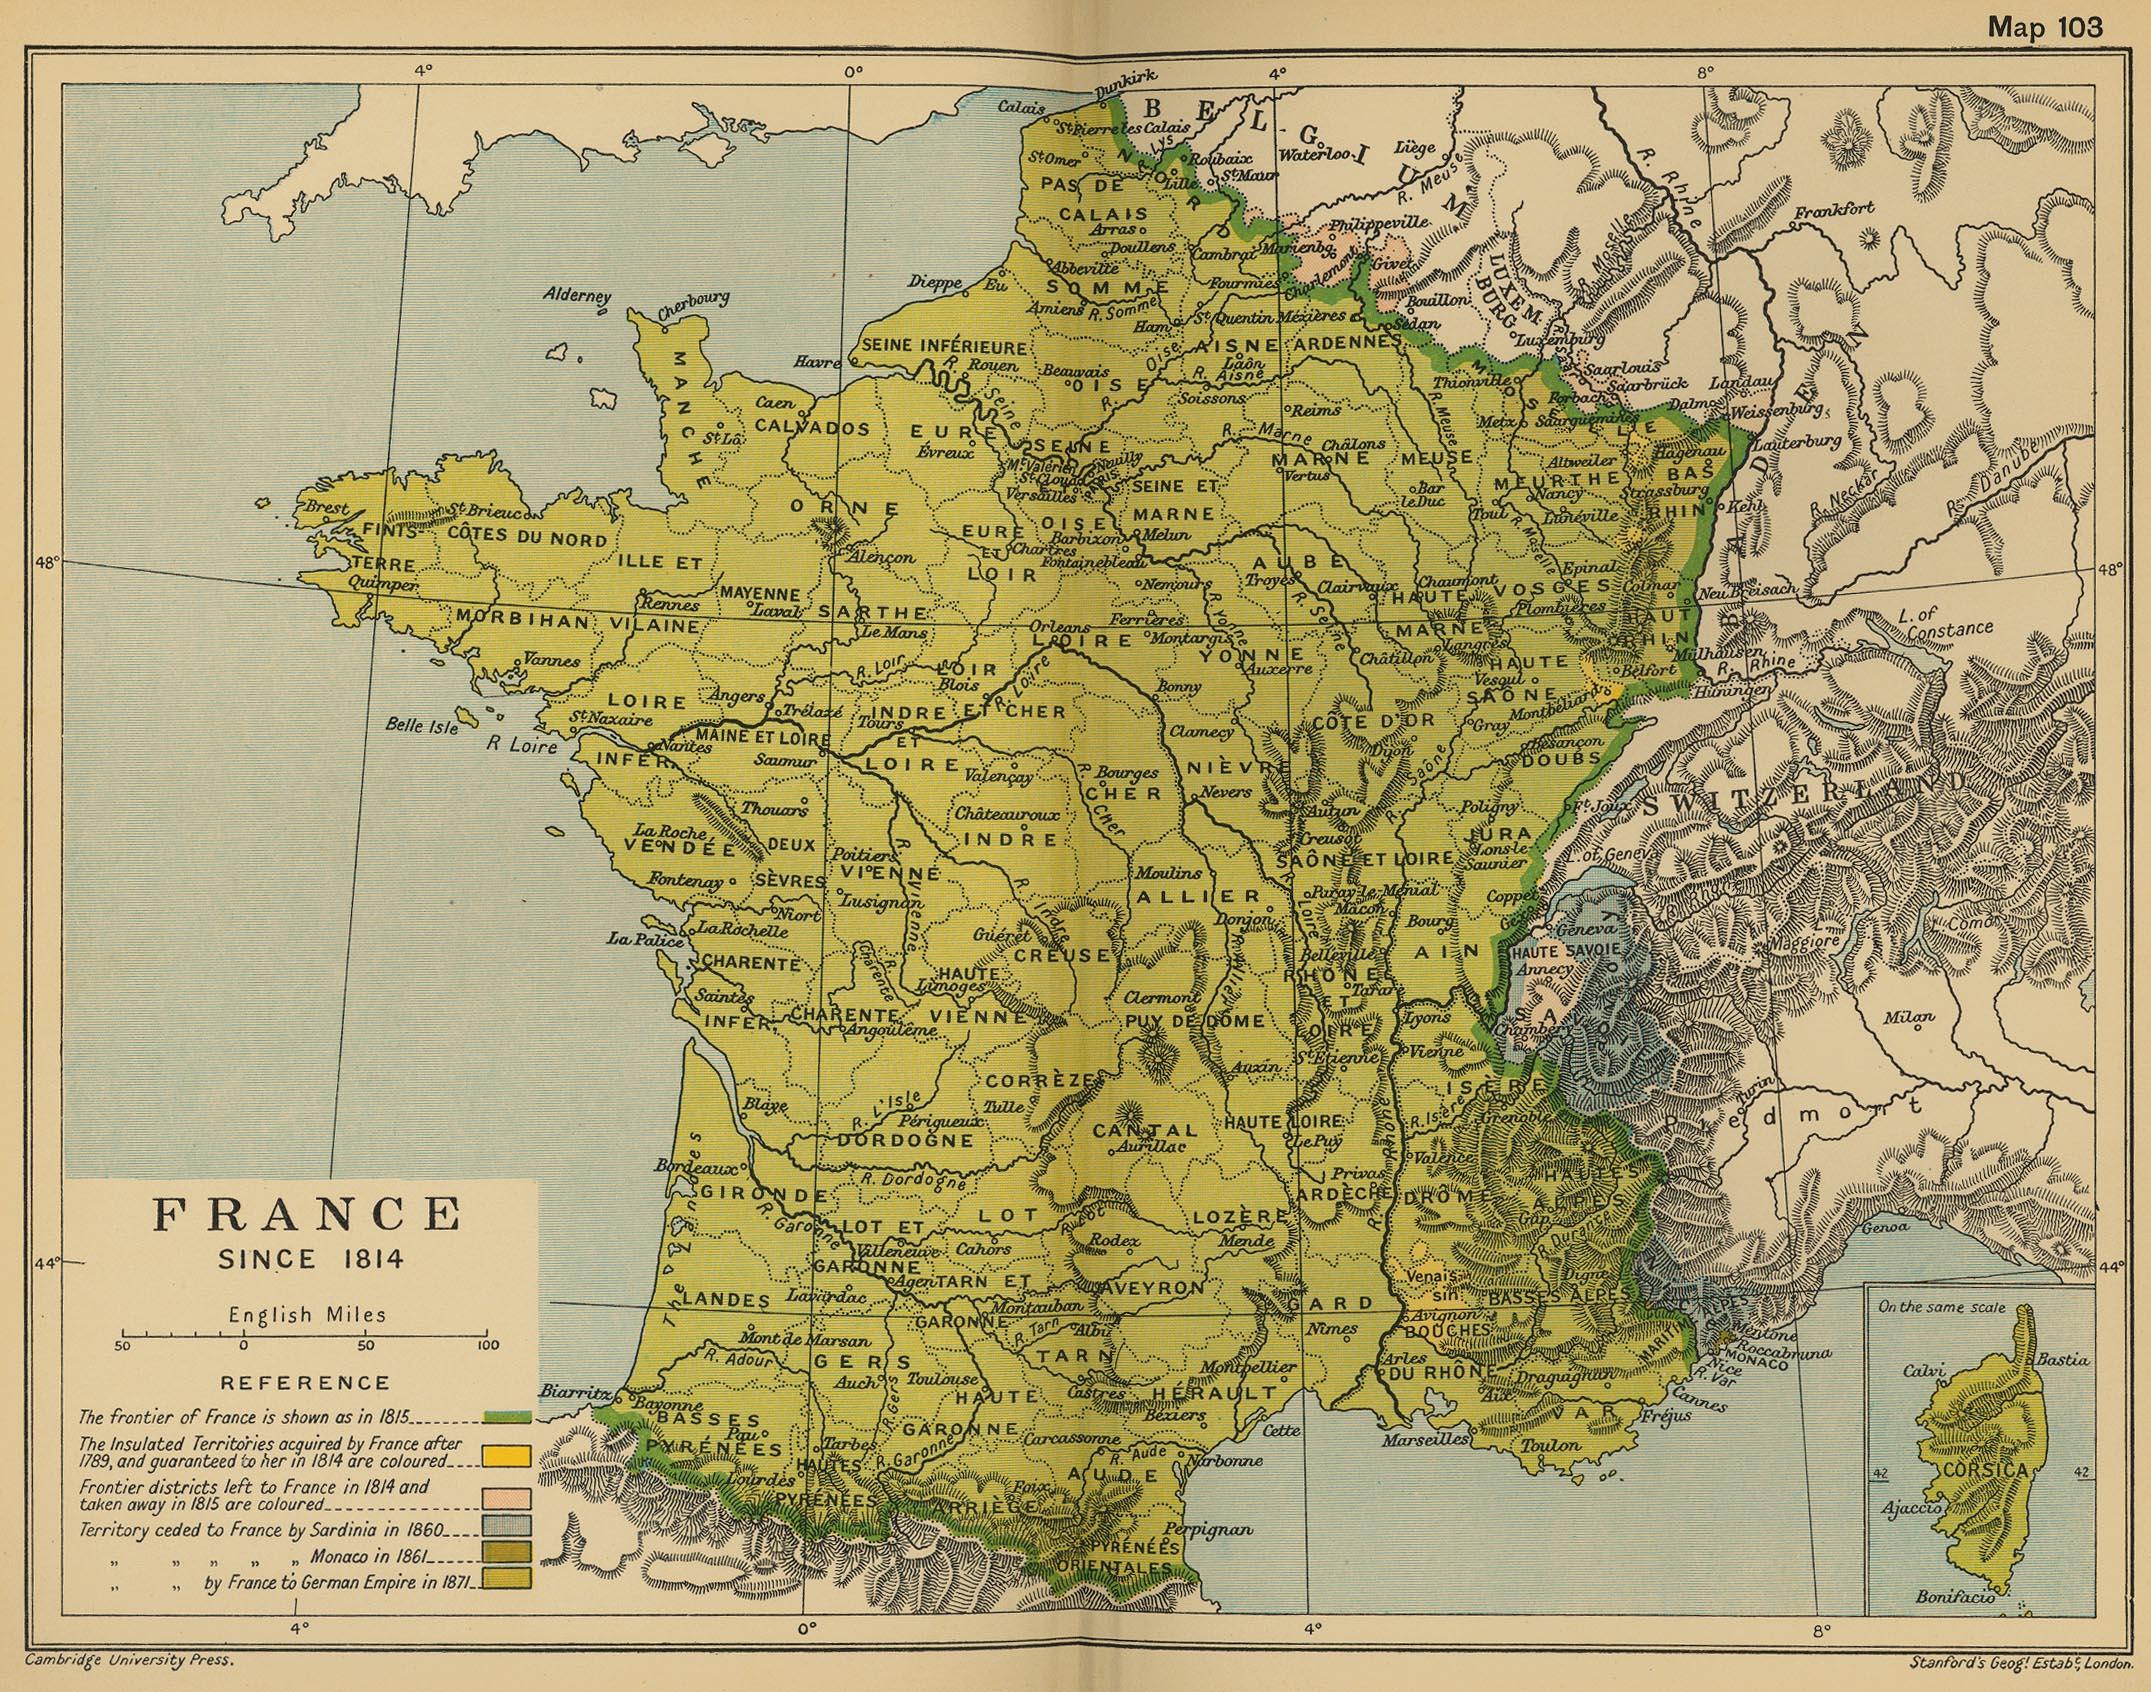 Francia en 1814